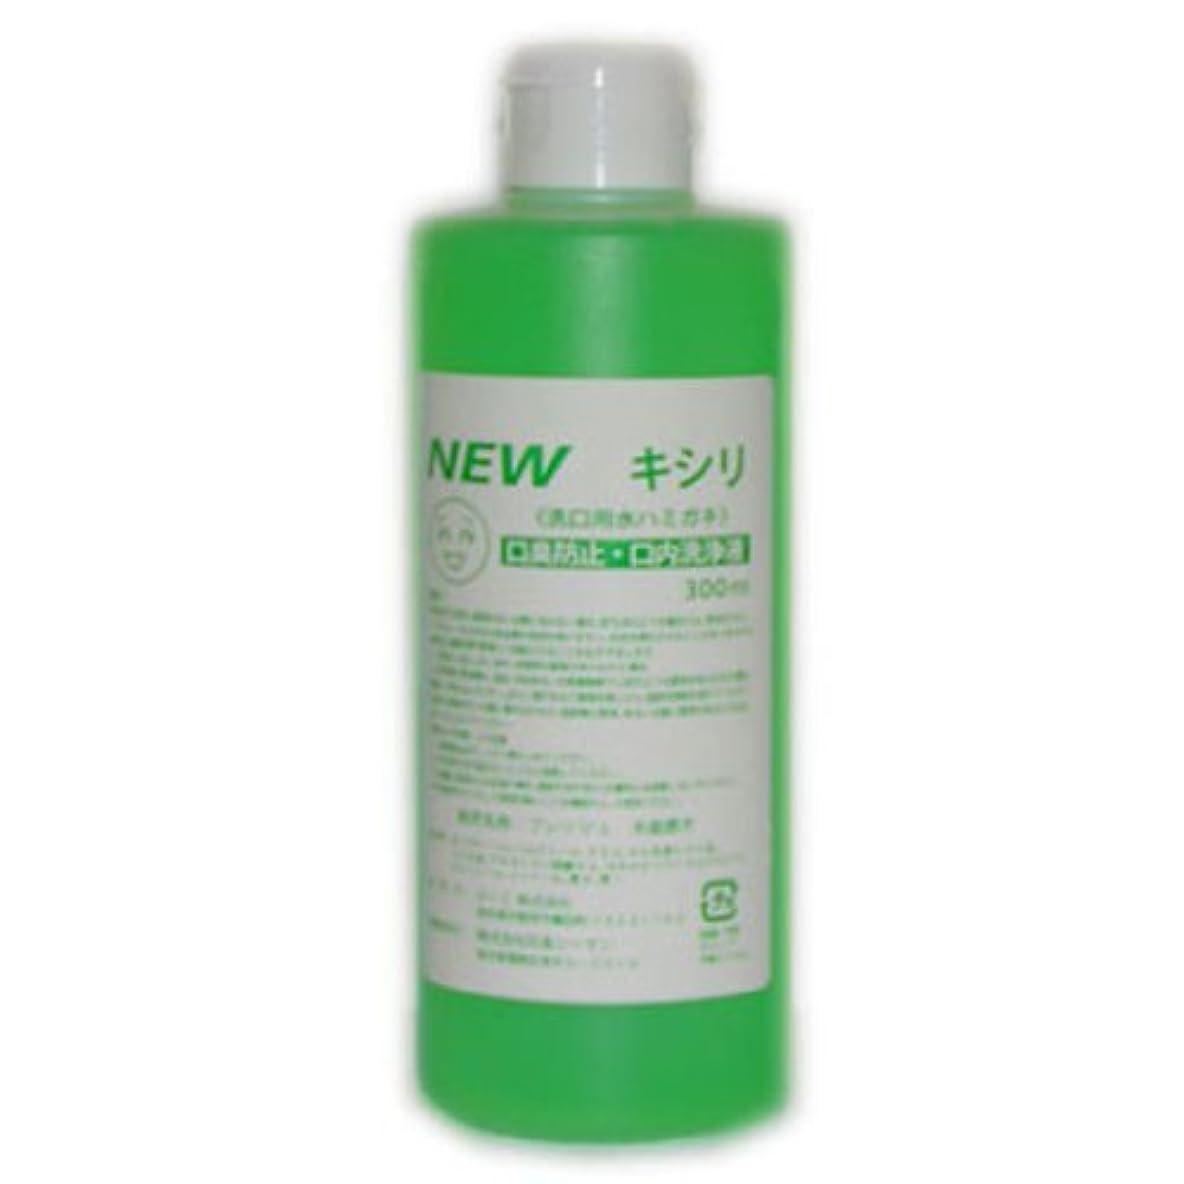 フレッシュ洗口液 マウスウォッシュ NEWキシリ 300ml 25倍濃縮お得タイプ